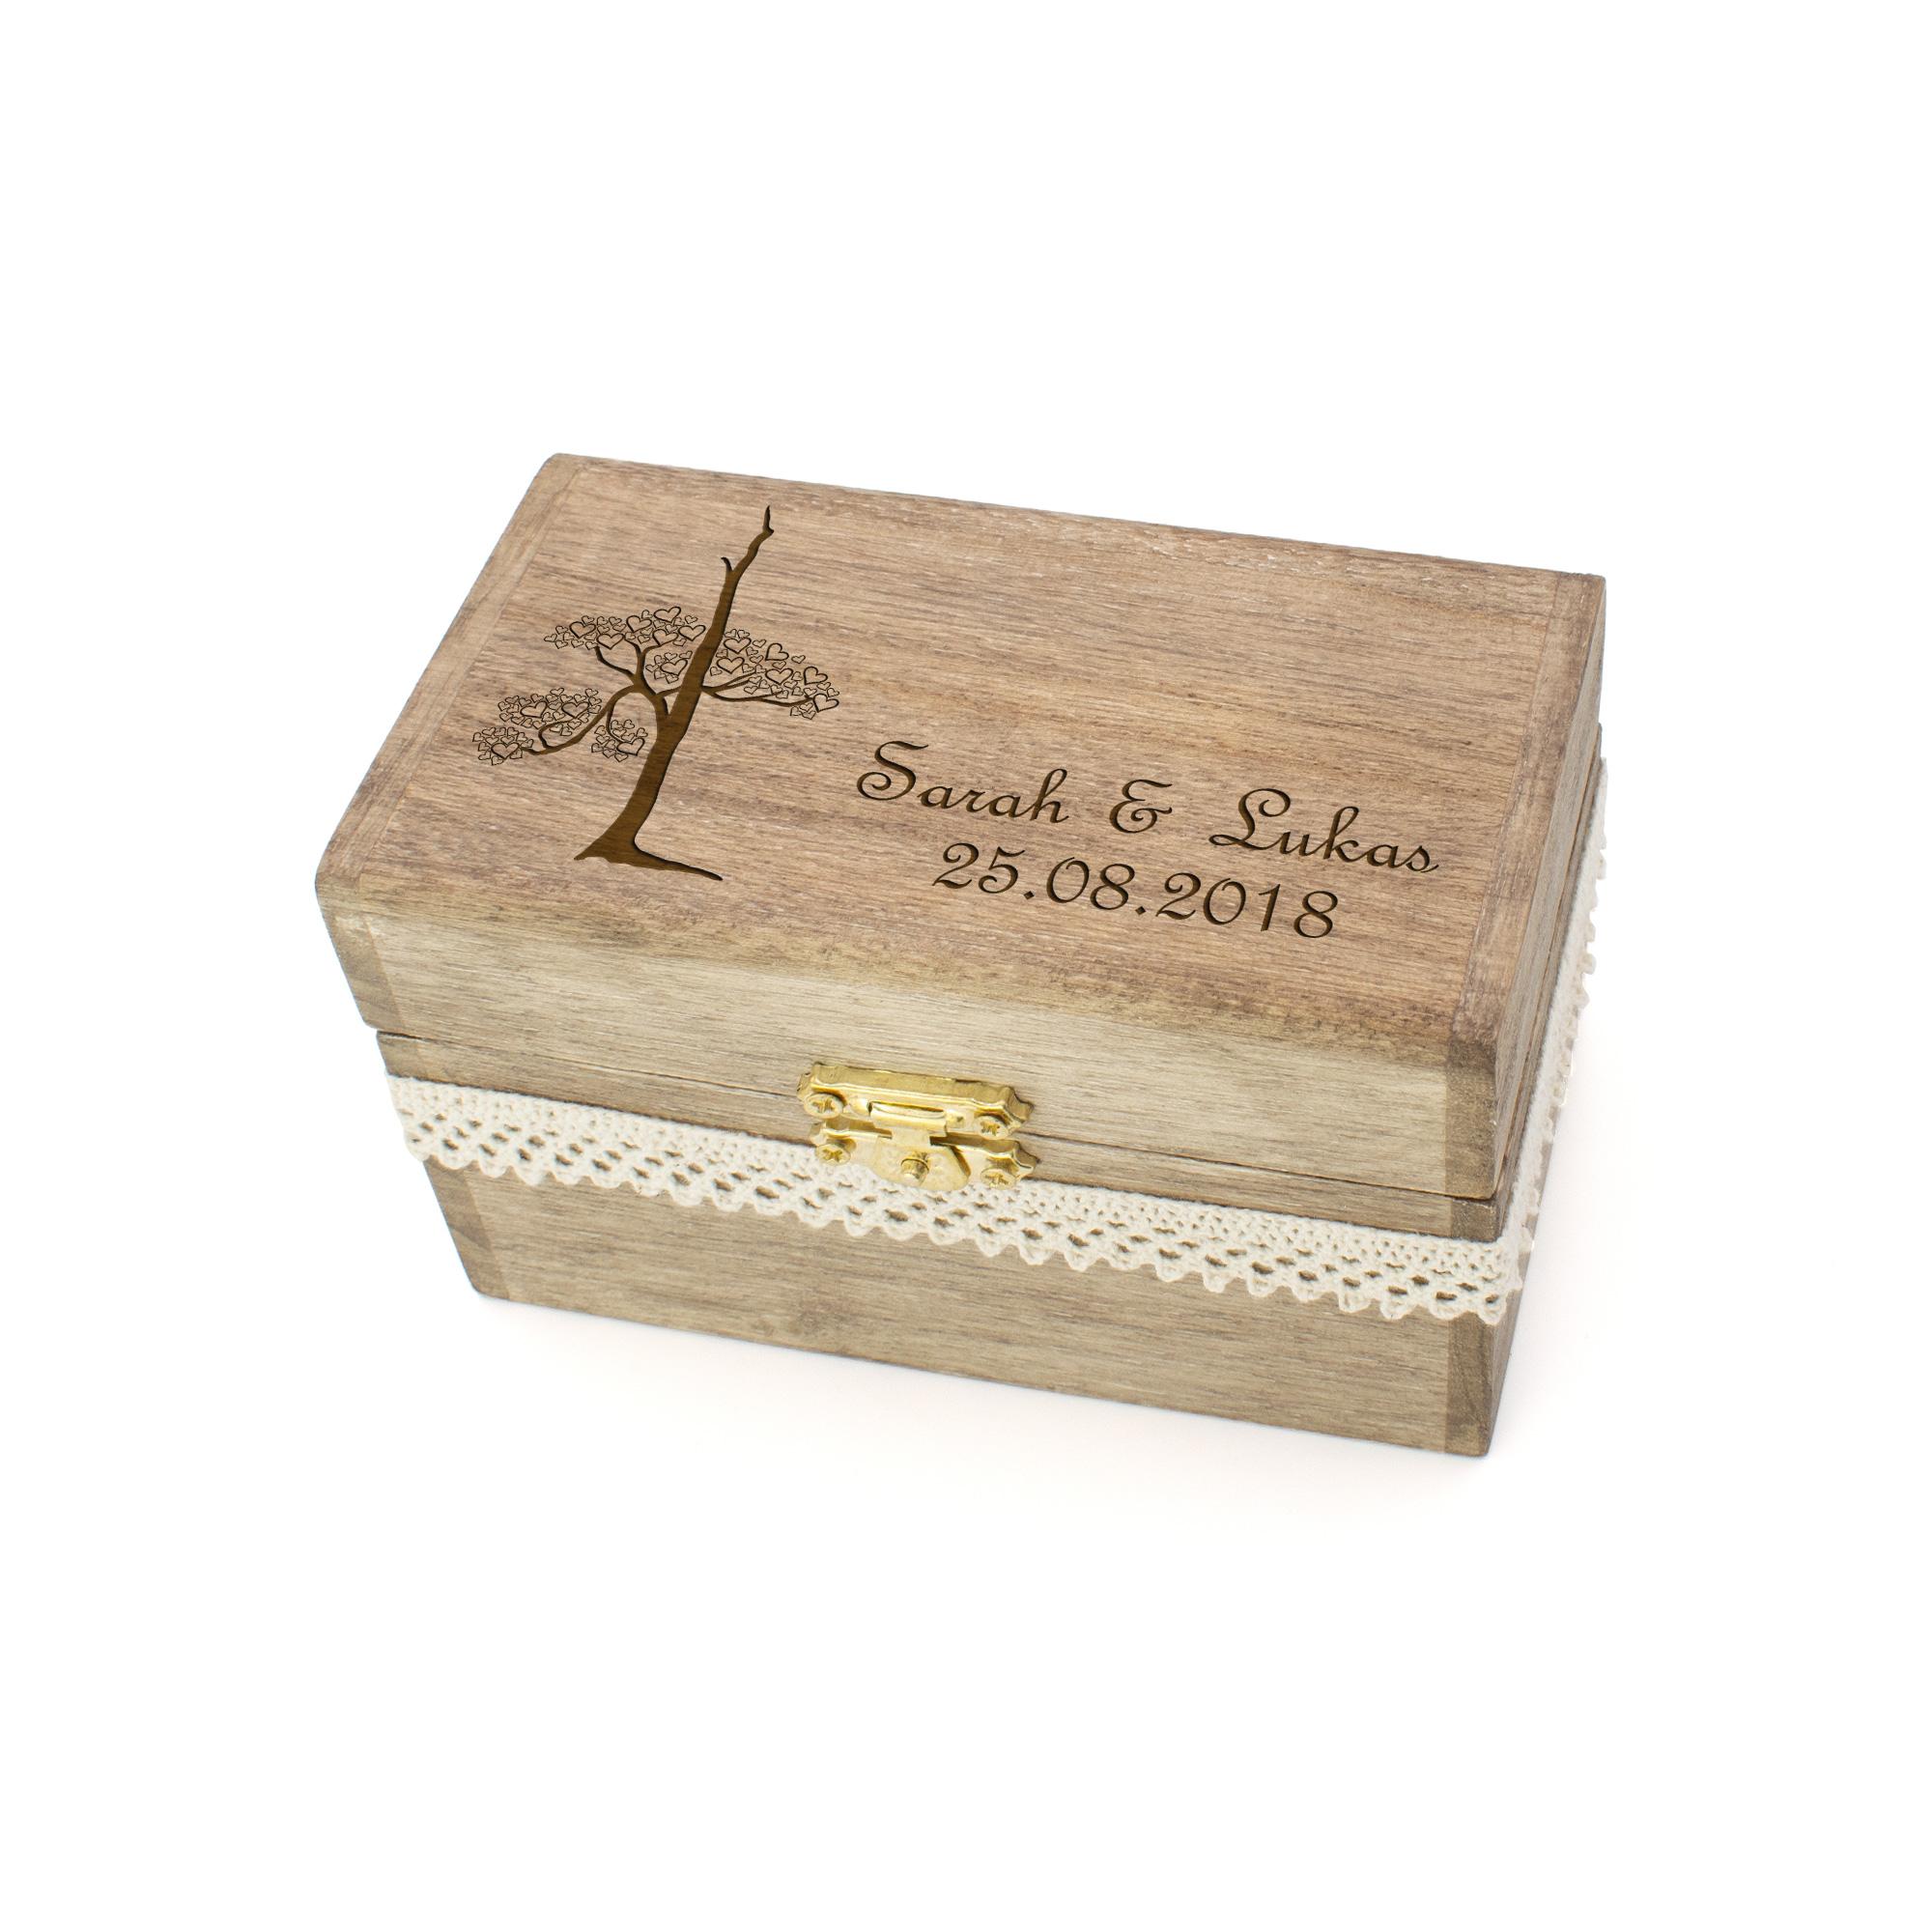 personalisierte Vintage-Ringschatulle aus Holz zur Hochzeit mit Spitzenband und mystischem Baum graviert